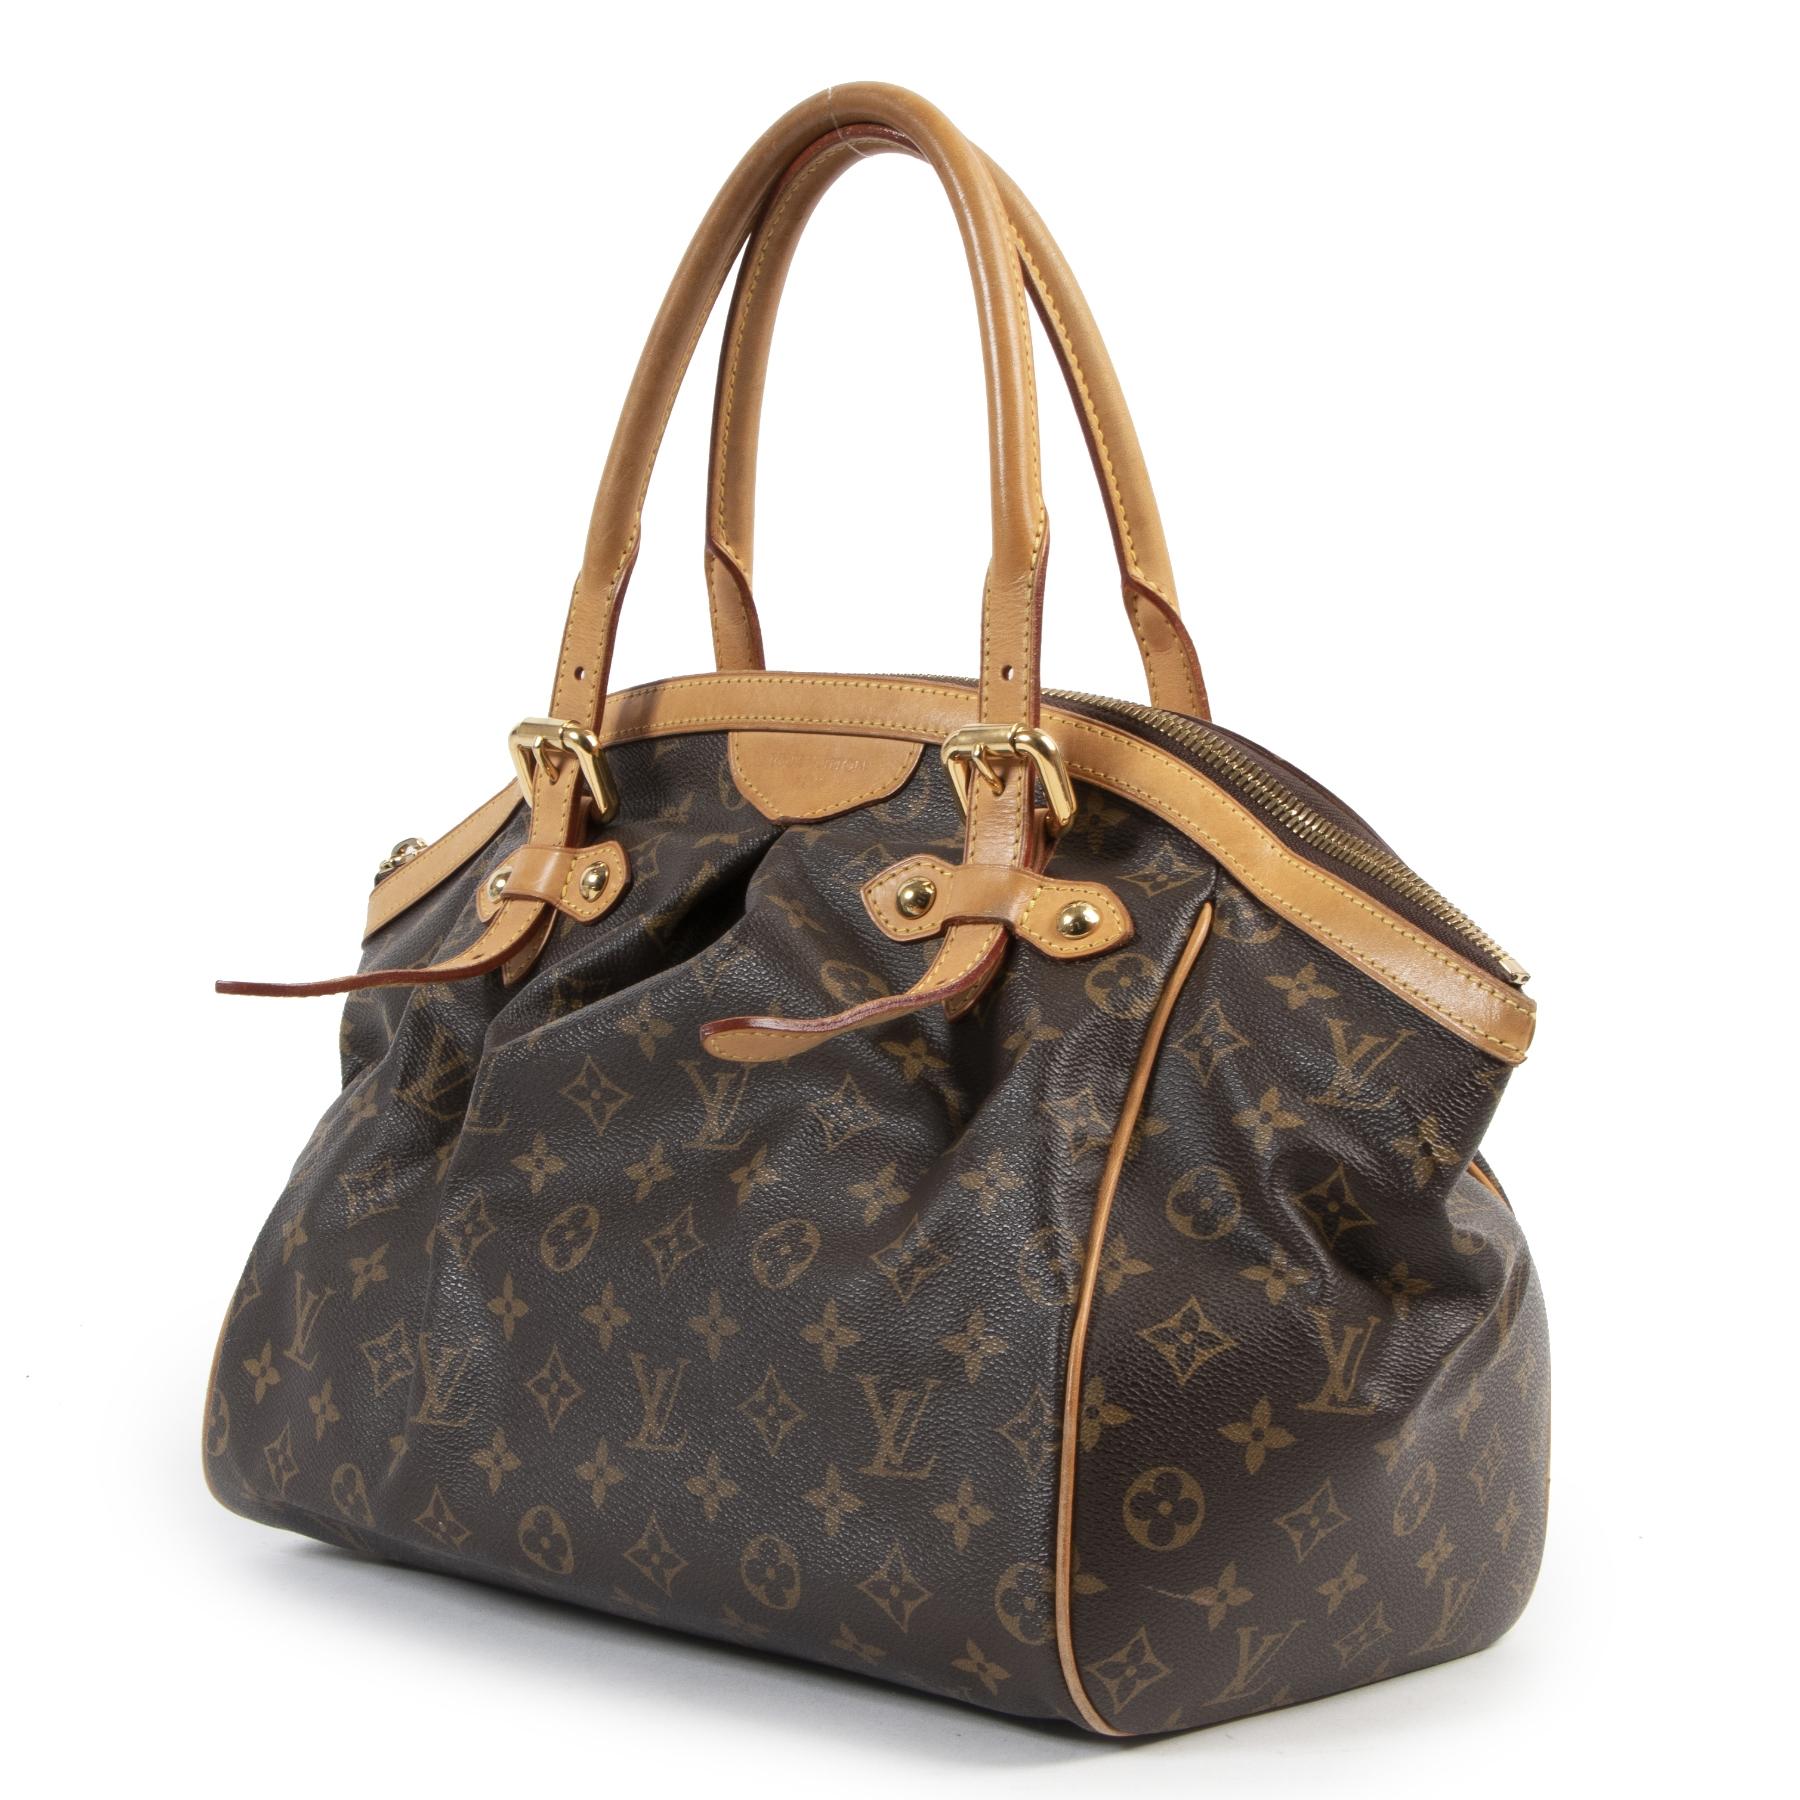 Koop tweedehands Louis Vuitton handtassen bij LabelLOV Antwerpen.